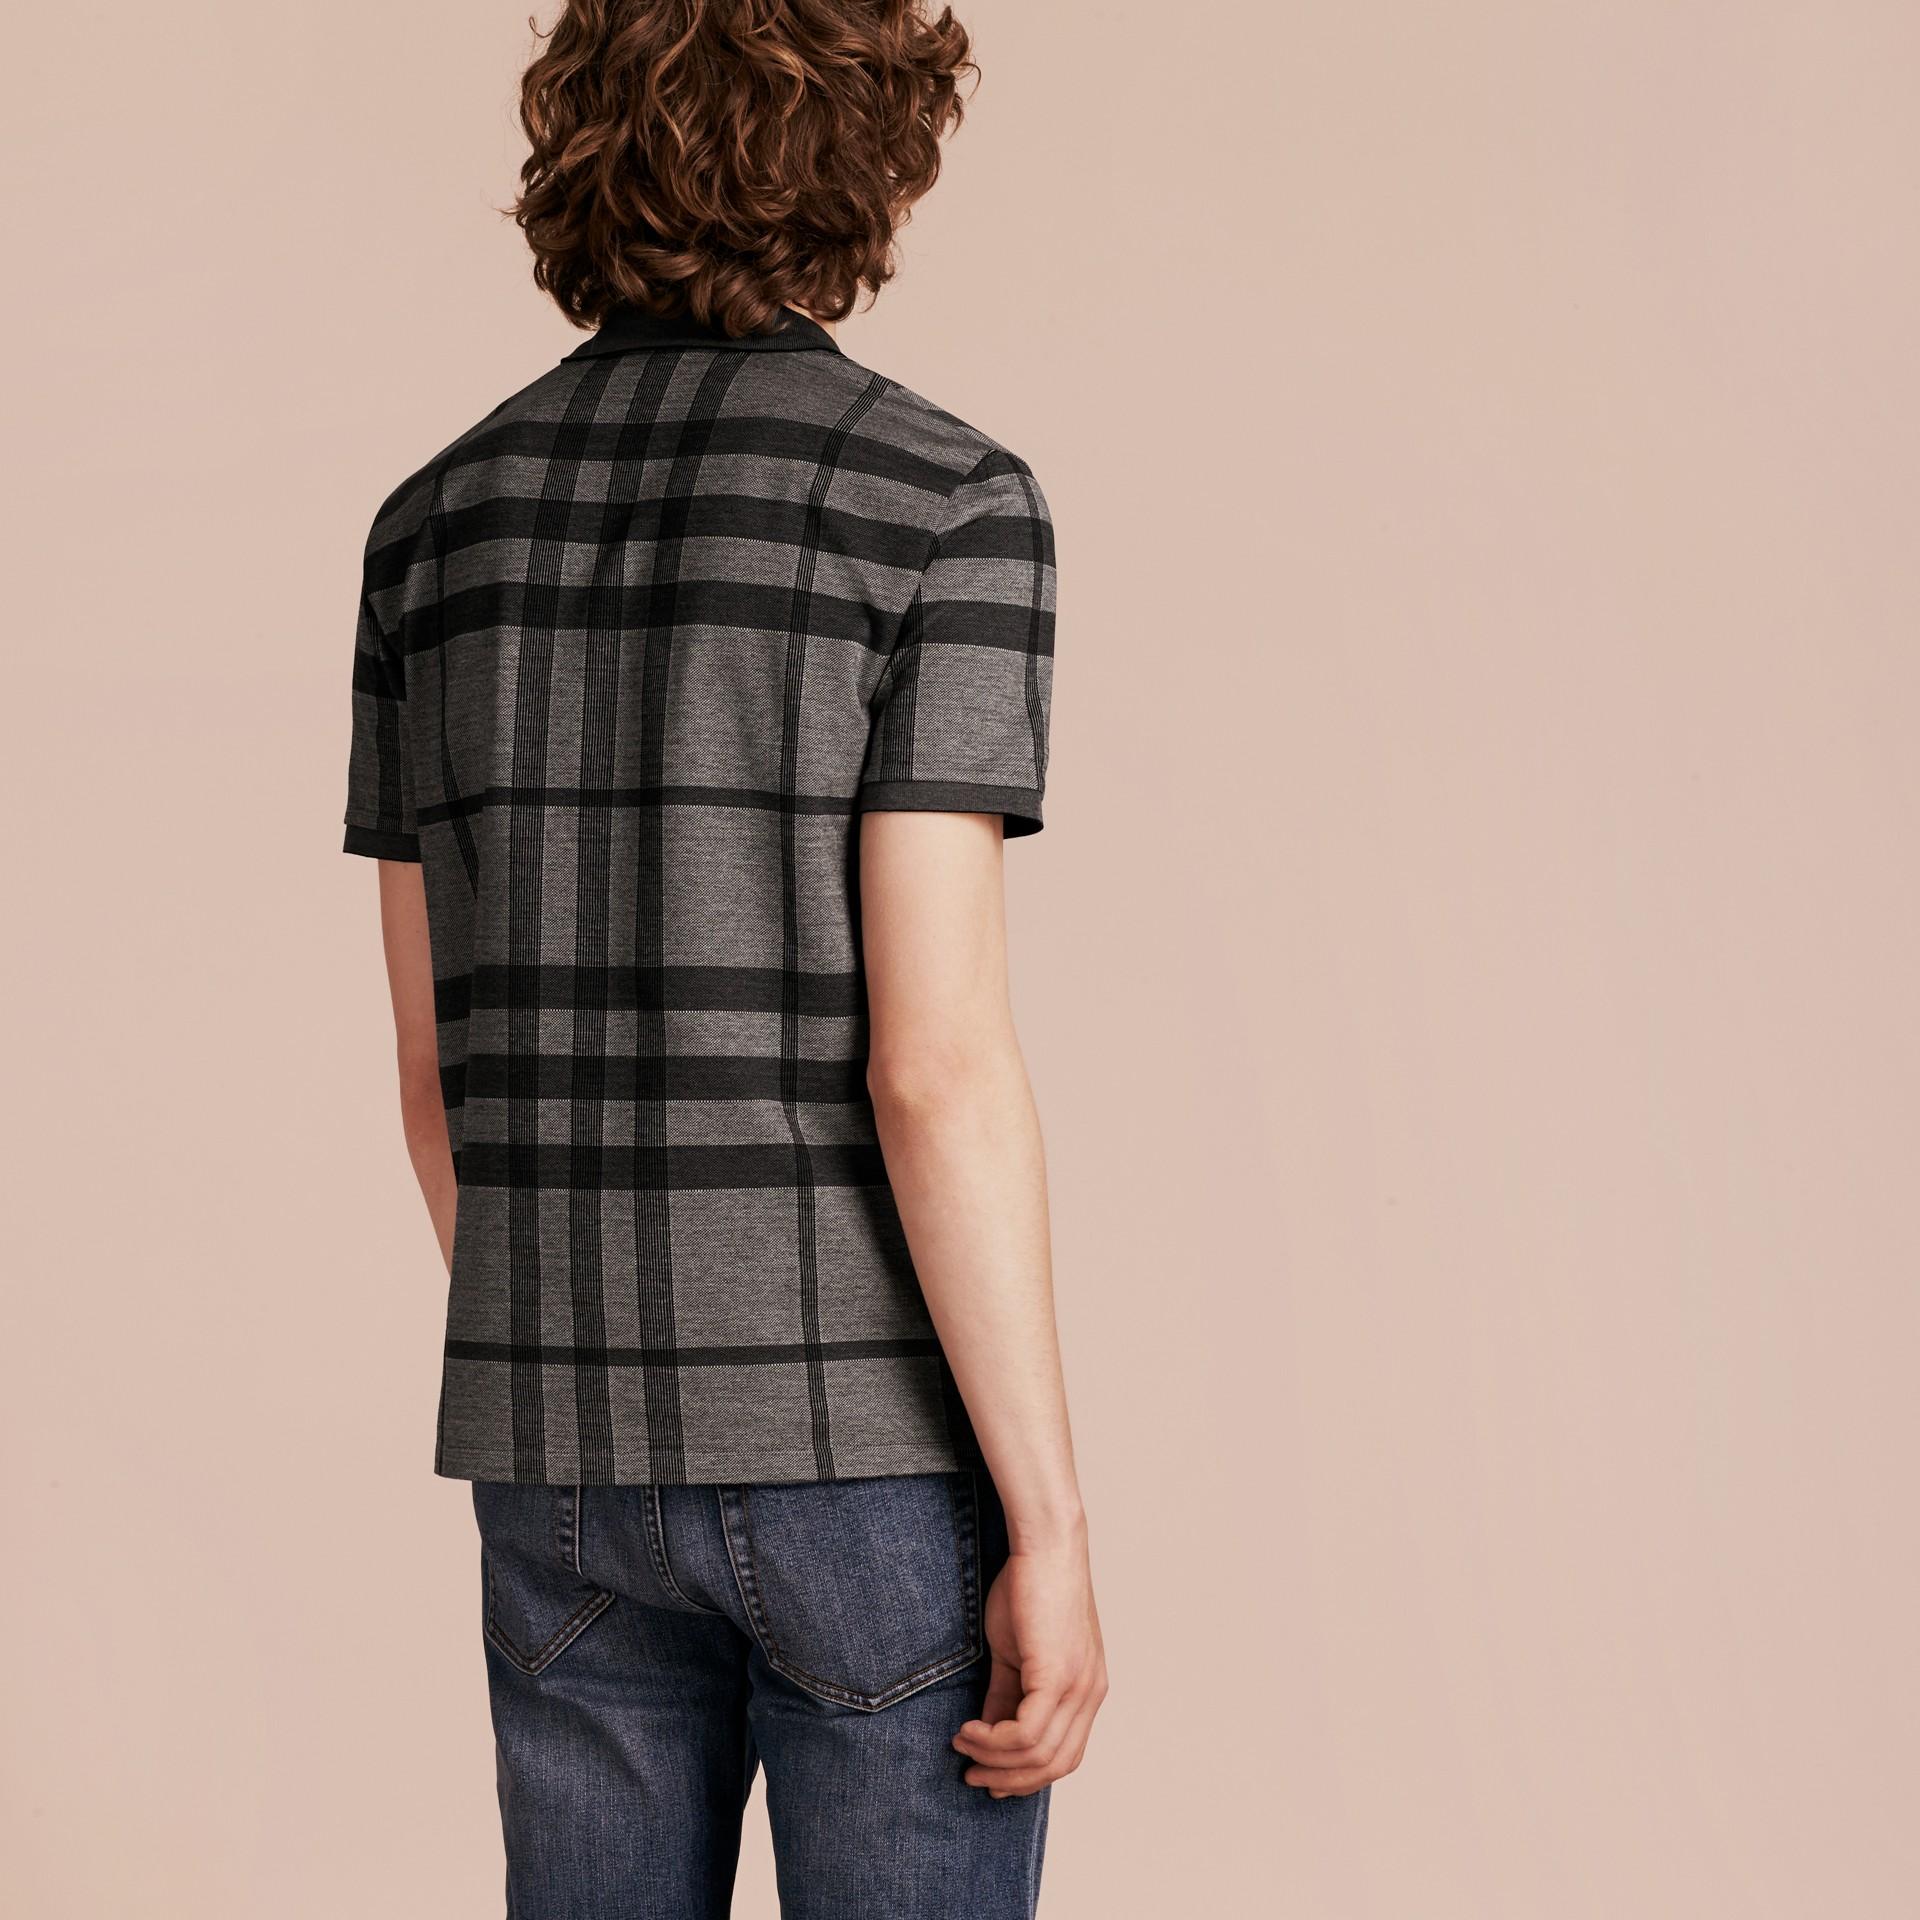 Mid grey Camisa polo de algodão stretch com estampa xadrez Mid Grey - galeria de imagens 3